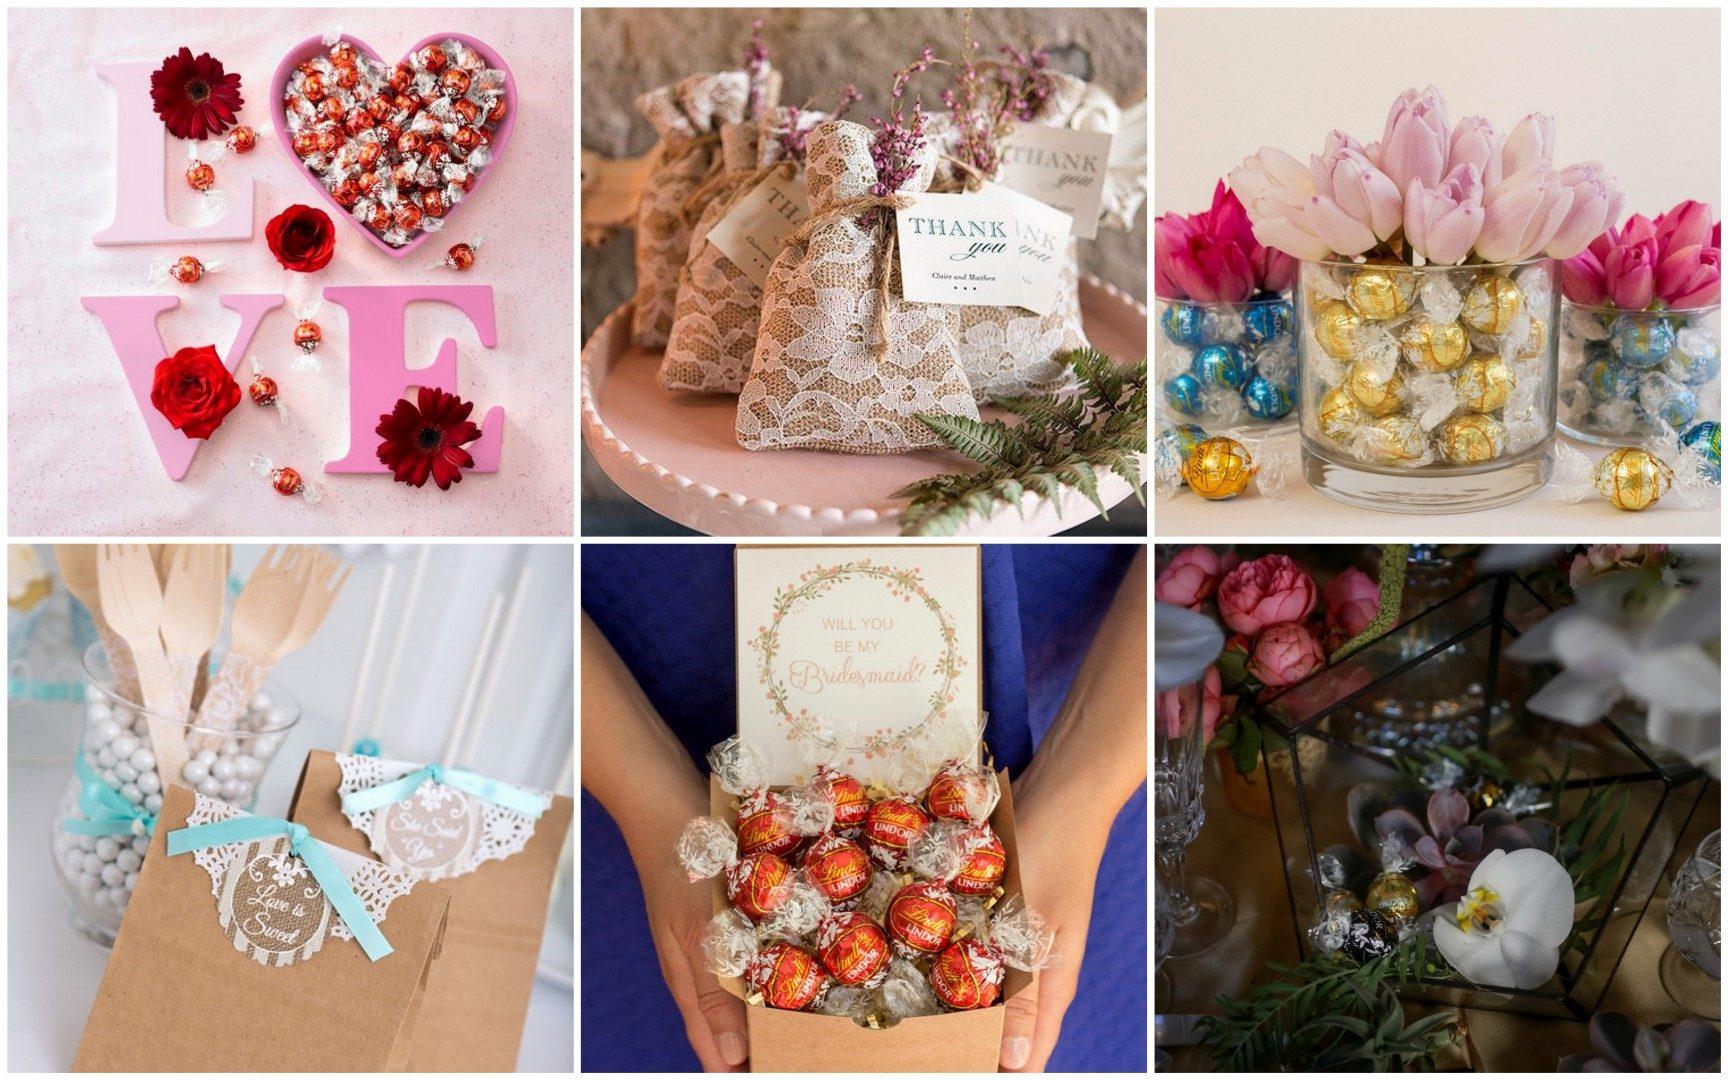 ,csipke,csipke története,lindt,lindor,csokigolyó,csipkemotívum,csipke dekoráció,csipke ruha,csipke menyasszoni ruha,csipke esküvői ruha,